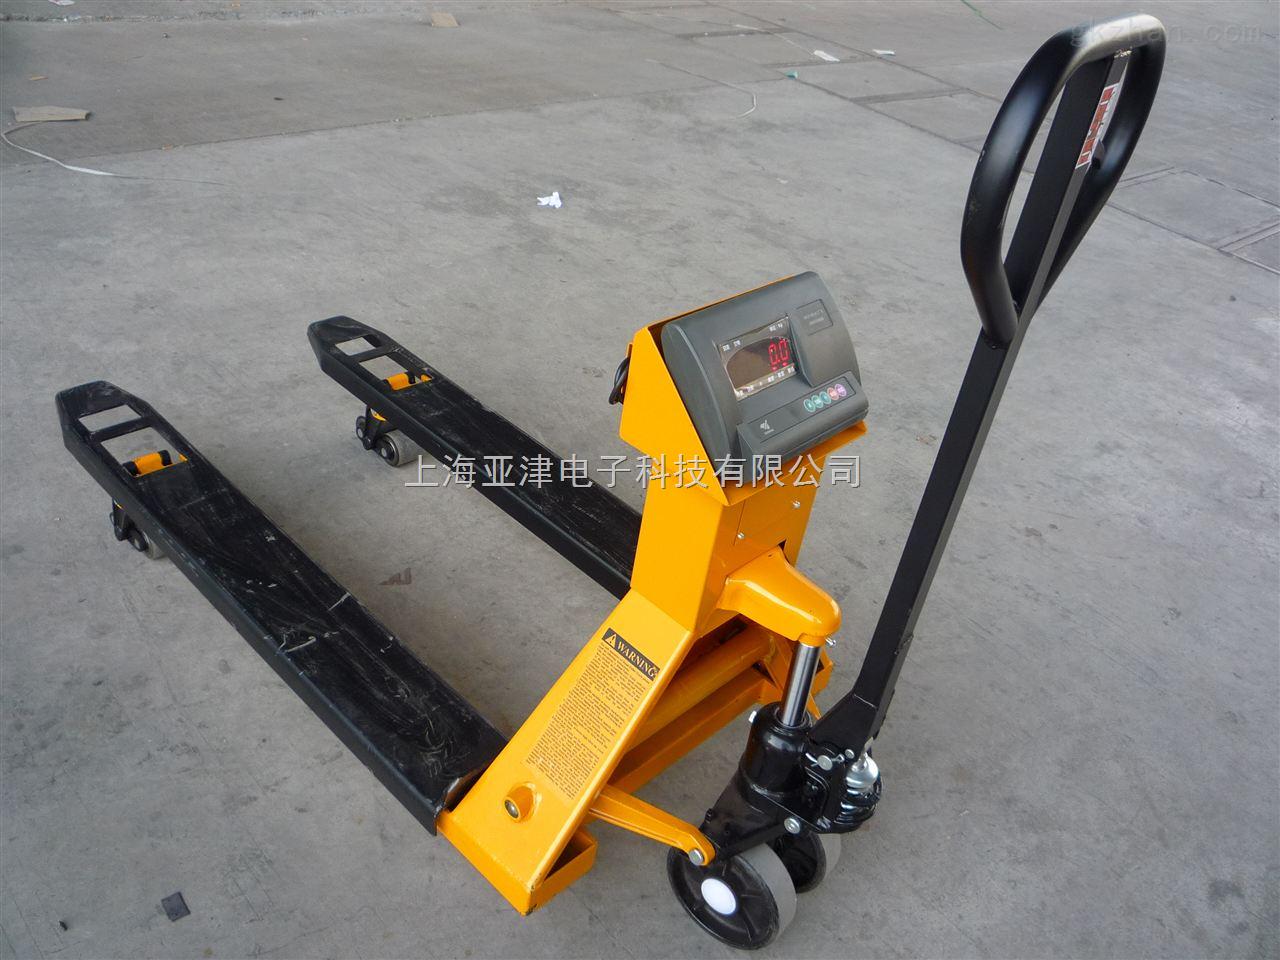 0.5吨电子叉车秤   ycs电子叉车秤